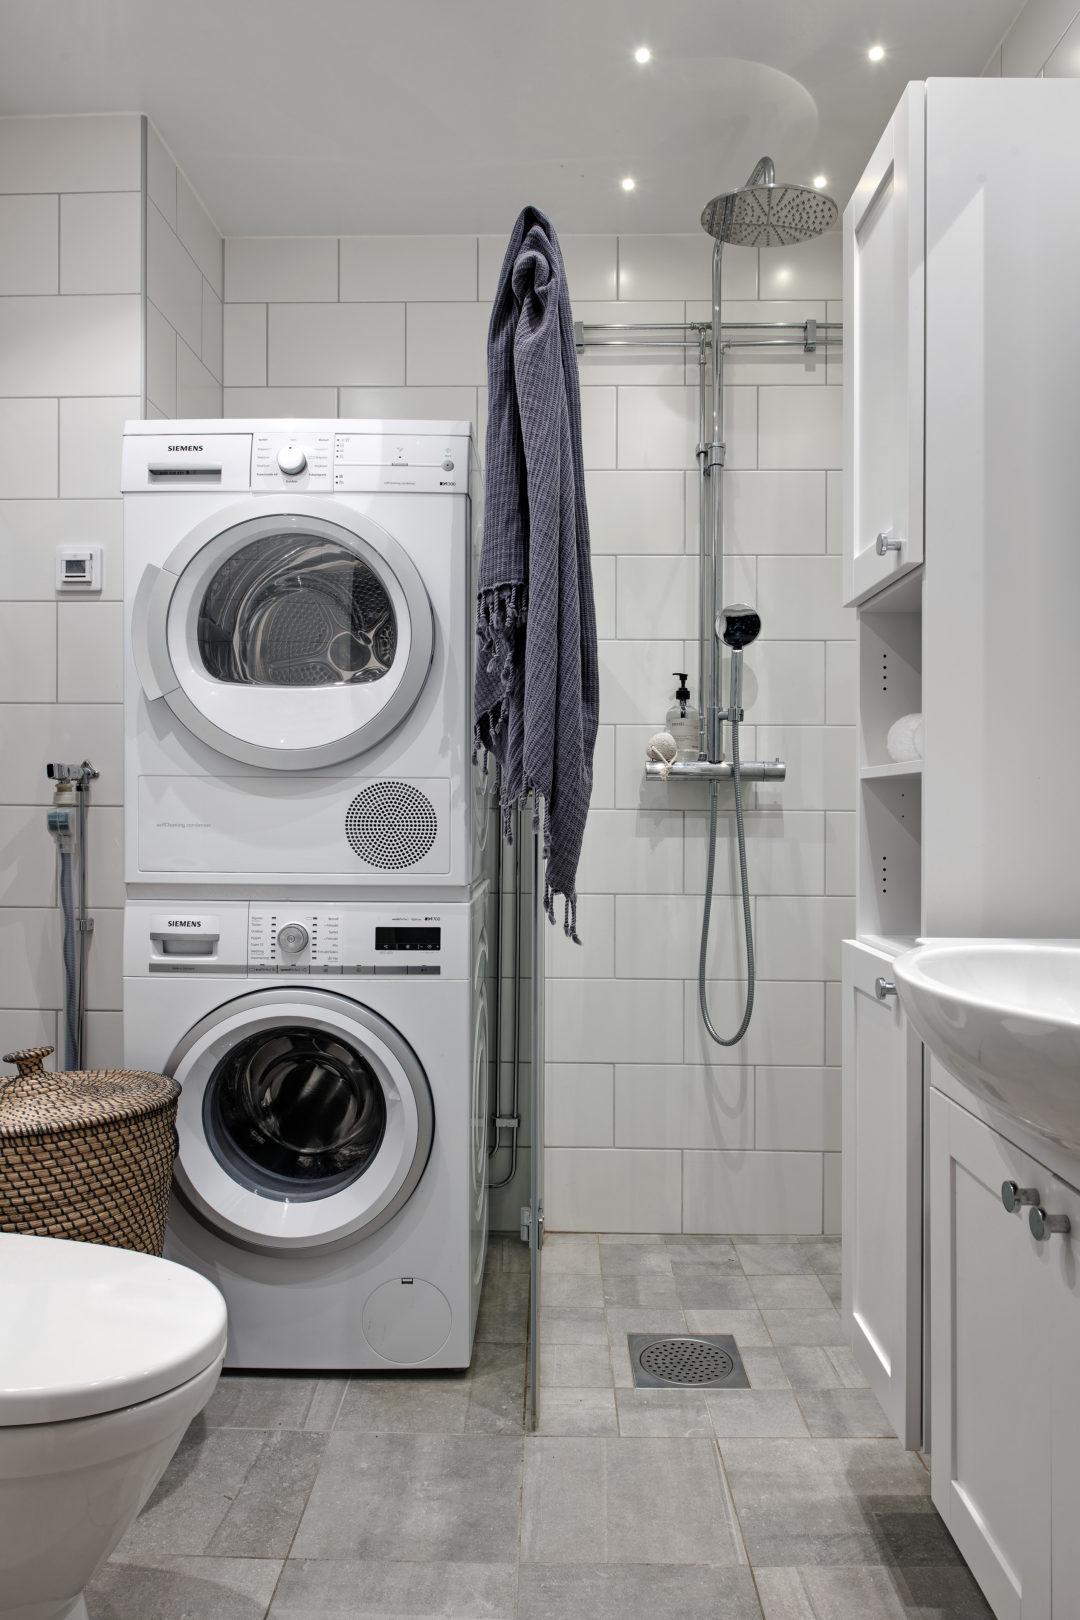 salle de bain petit espace amenagement 1 aventure d co. Black Bedroom Furniture Sets. Home Design Ideas